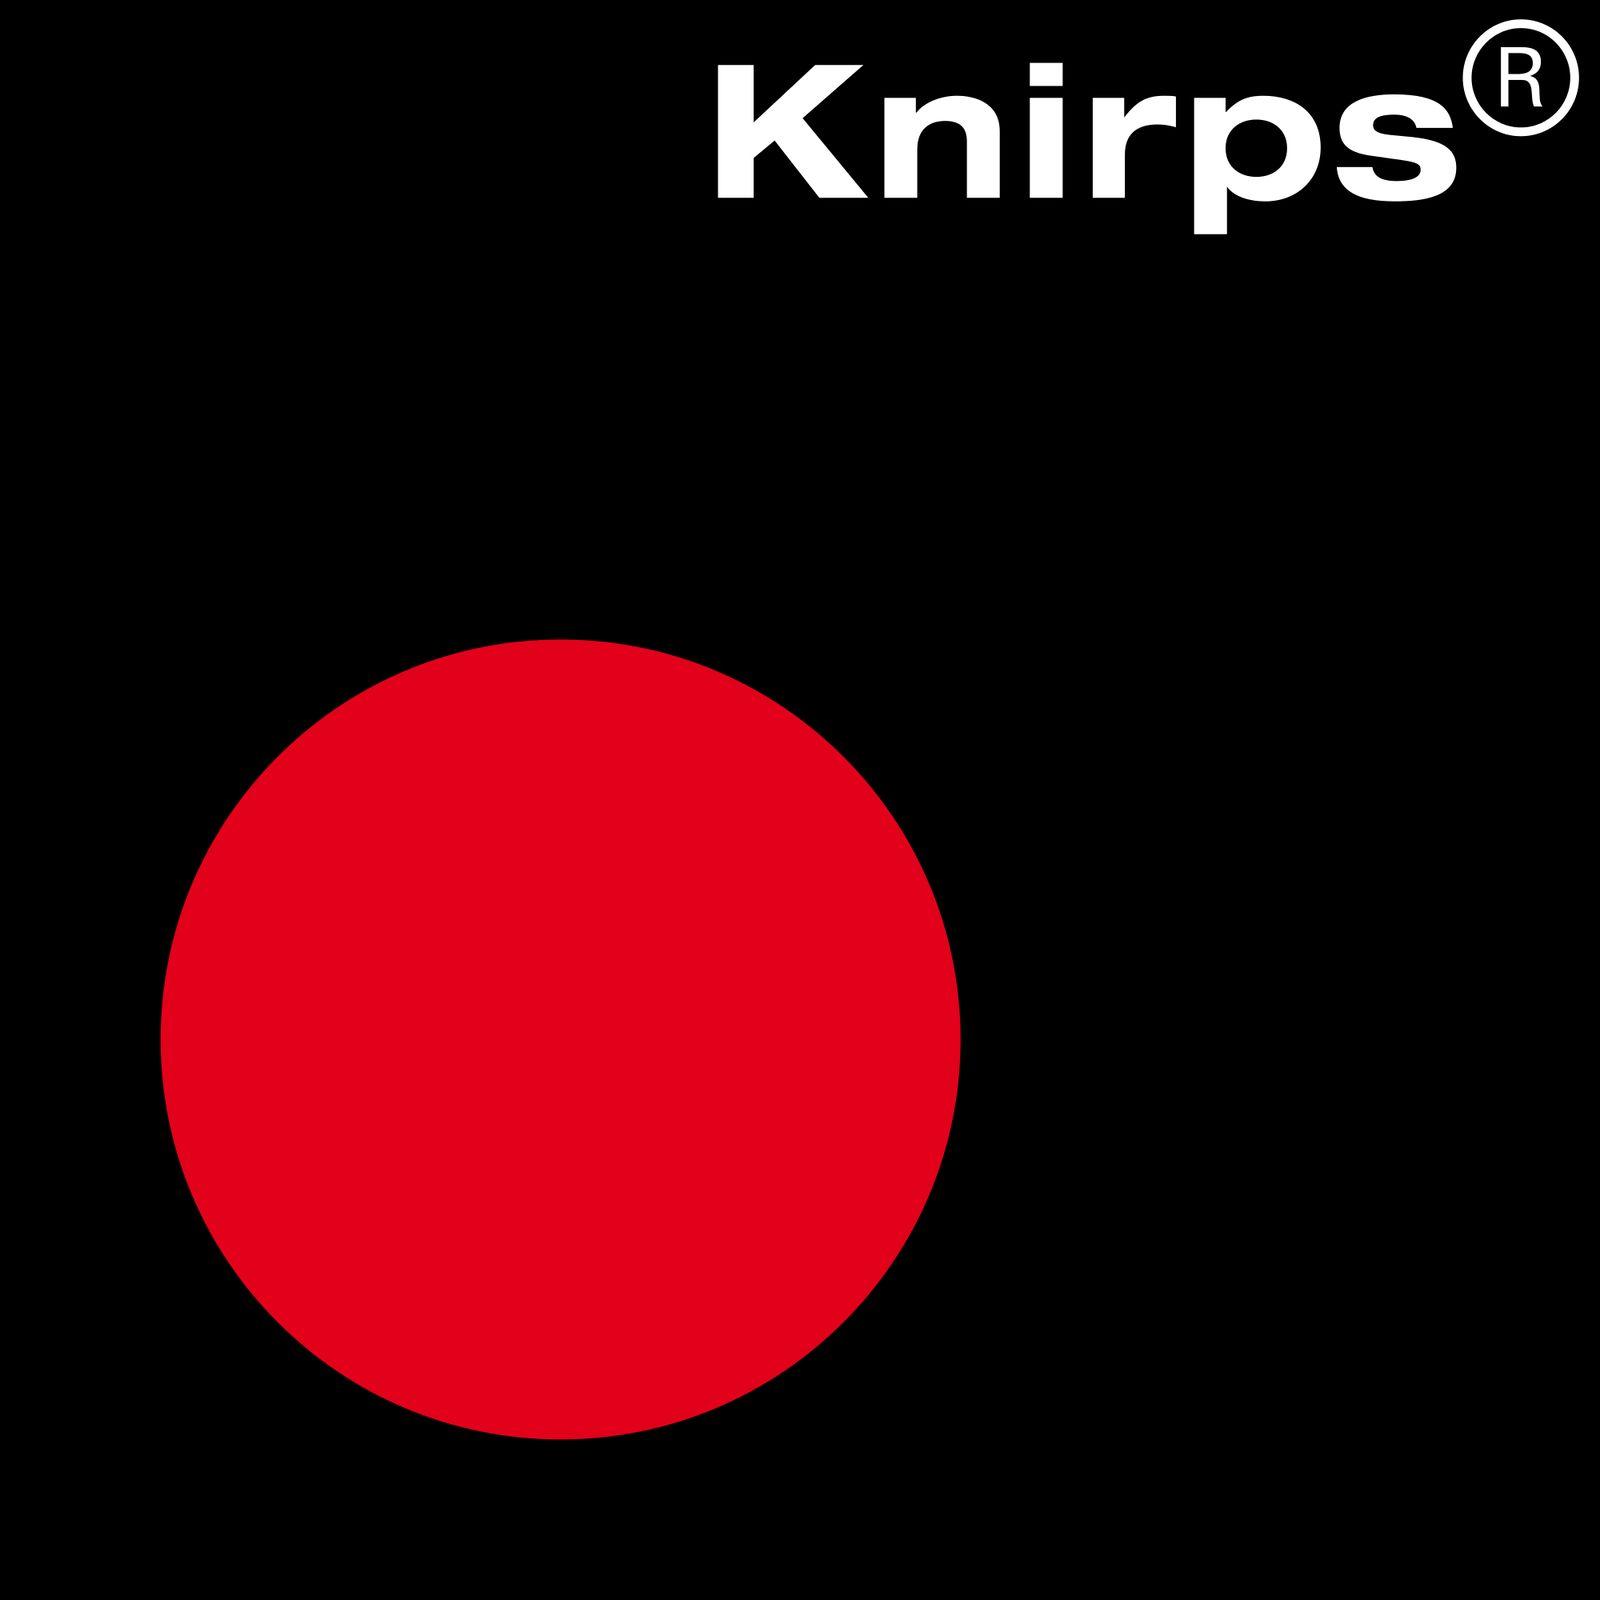 Knirps®